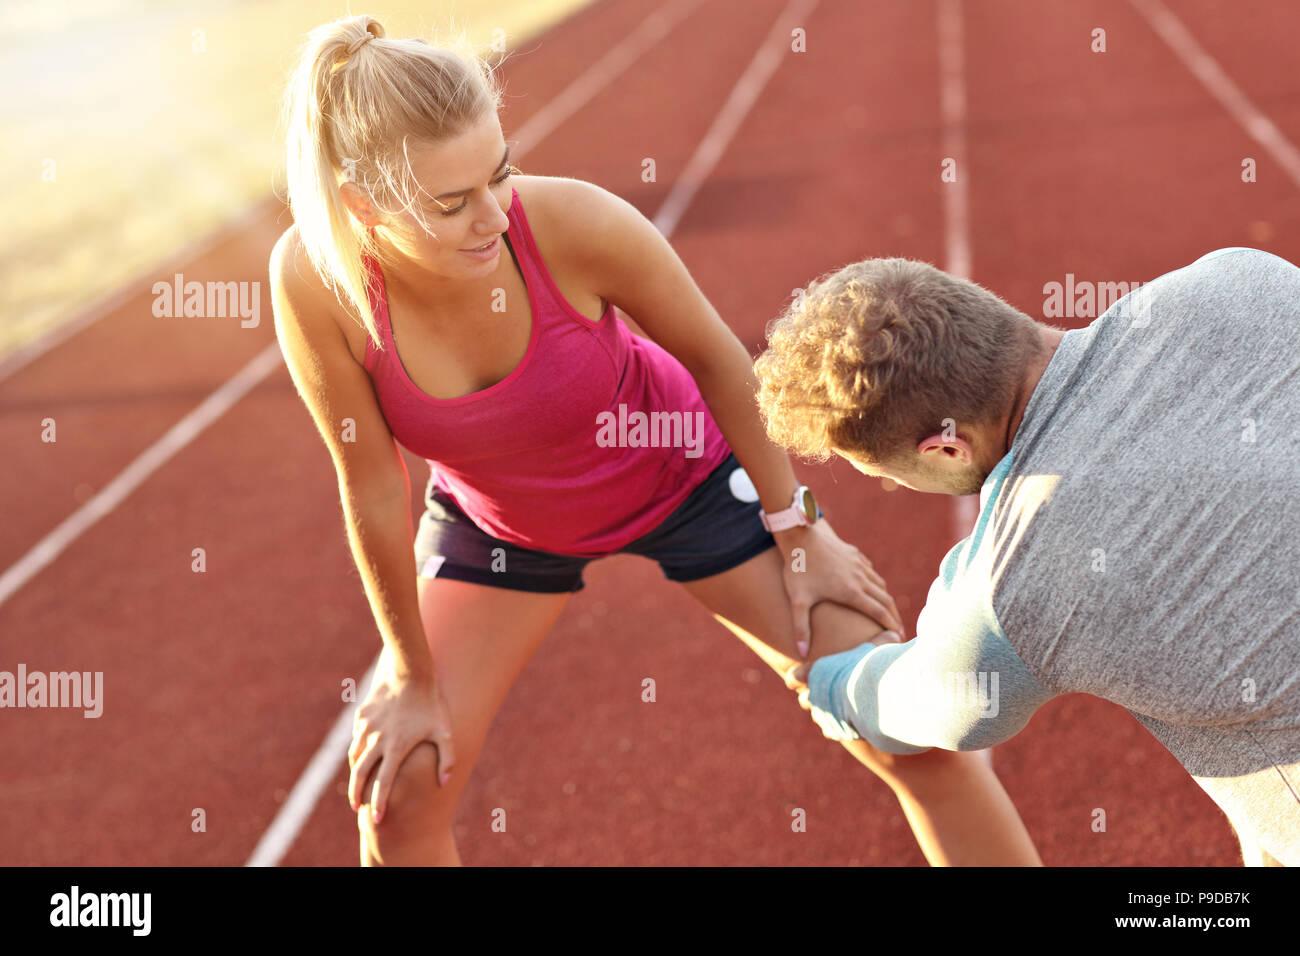 El hombre y la mujer de carreras en pista al aire libre Imagen De Stock